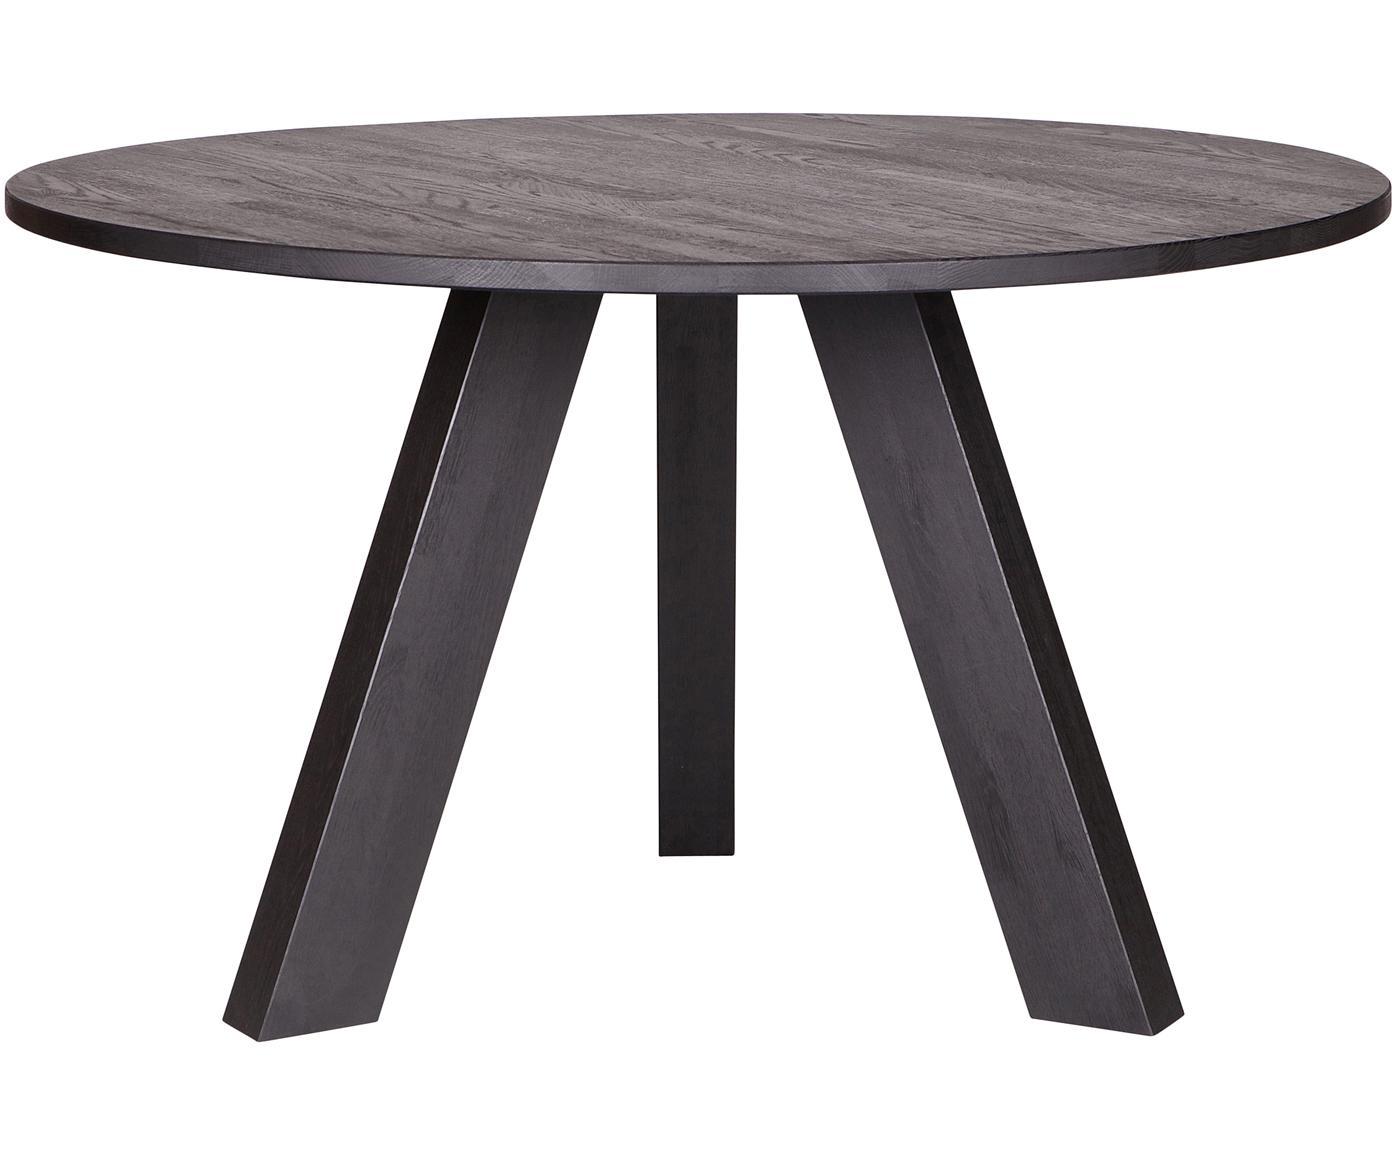 Runder Esstisch Rhonda aus Massivholz, Eichenholz, massiv, Schwarz, Ø 129 x H 75 cm